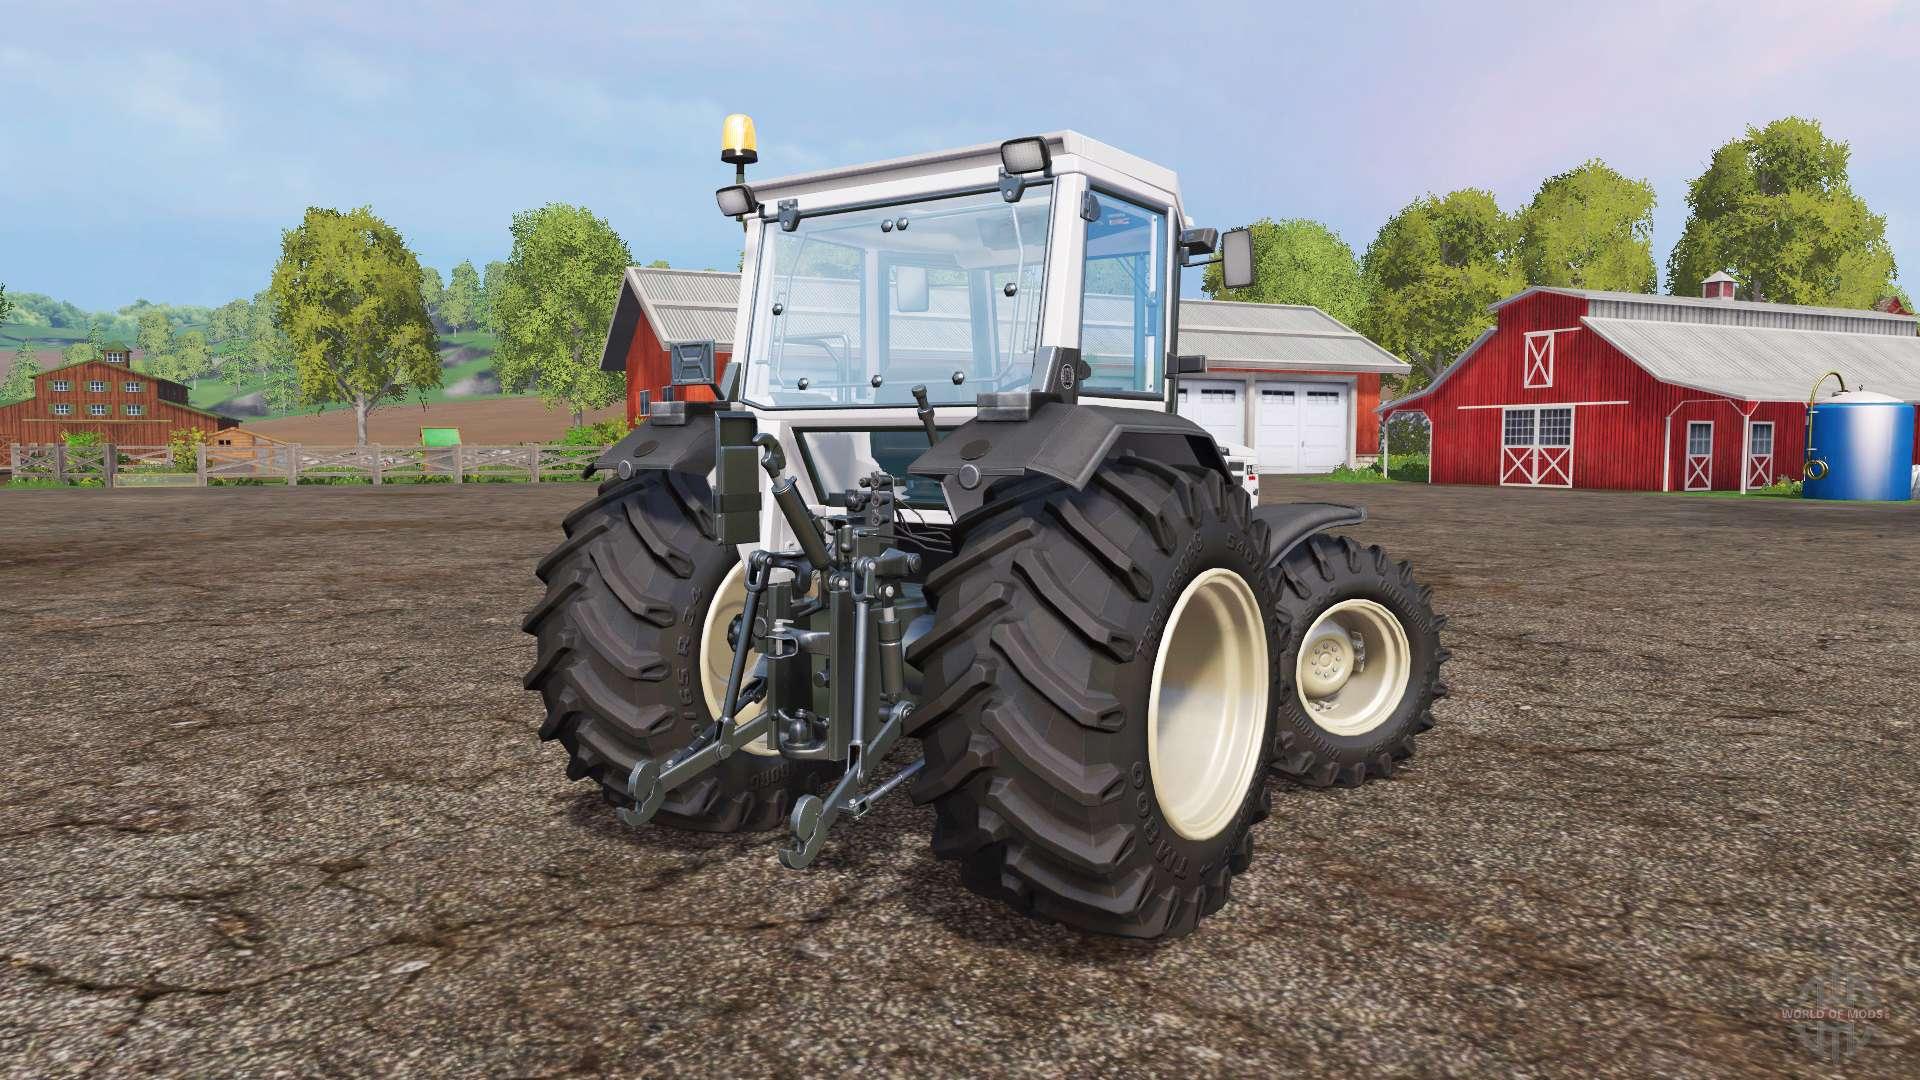 Радиоуправляемый трактор ДТ-75 от Hachette RC в масштабе 1.